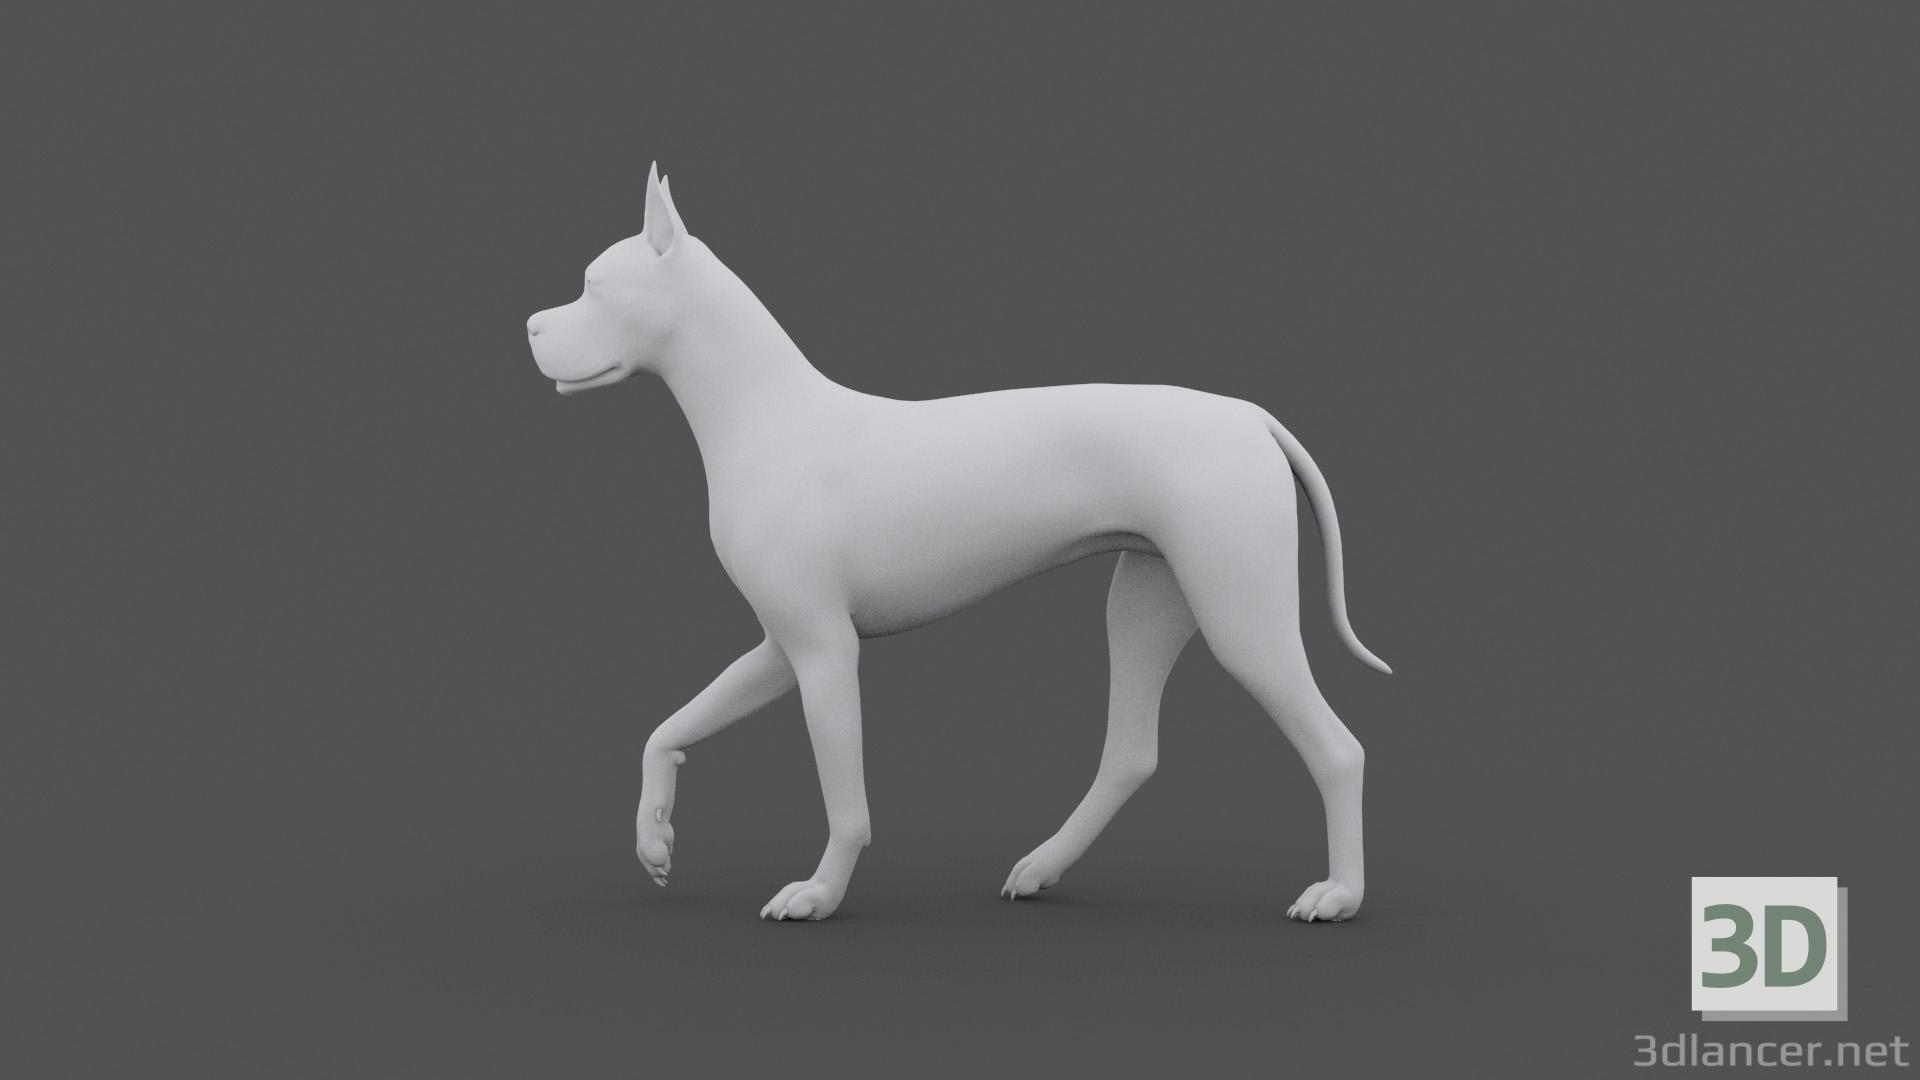 3d FDGD-001 Animation dog model buy - render